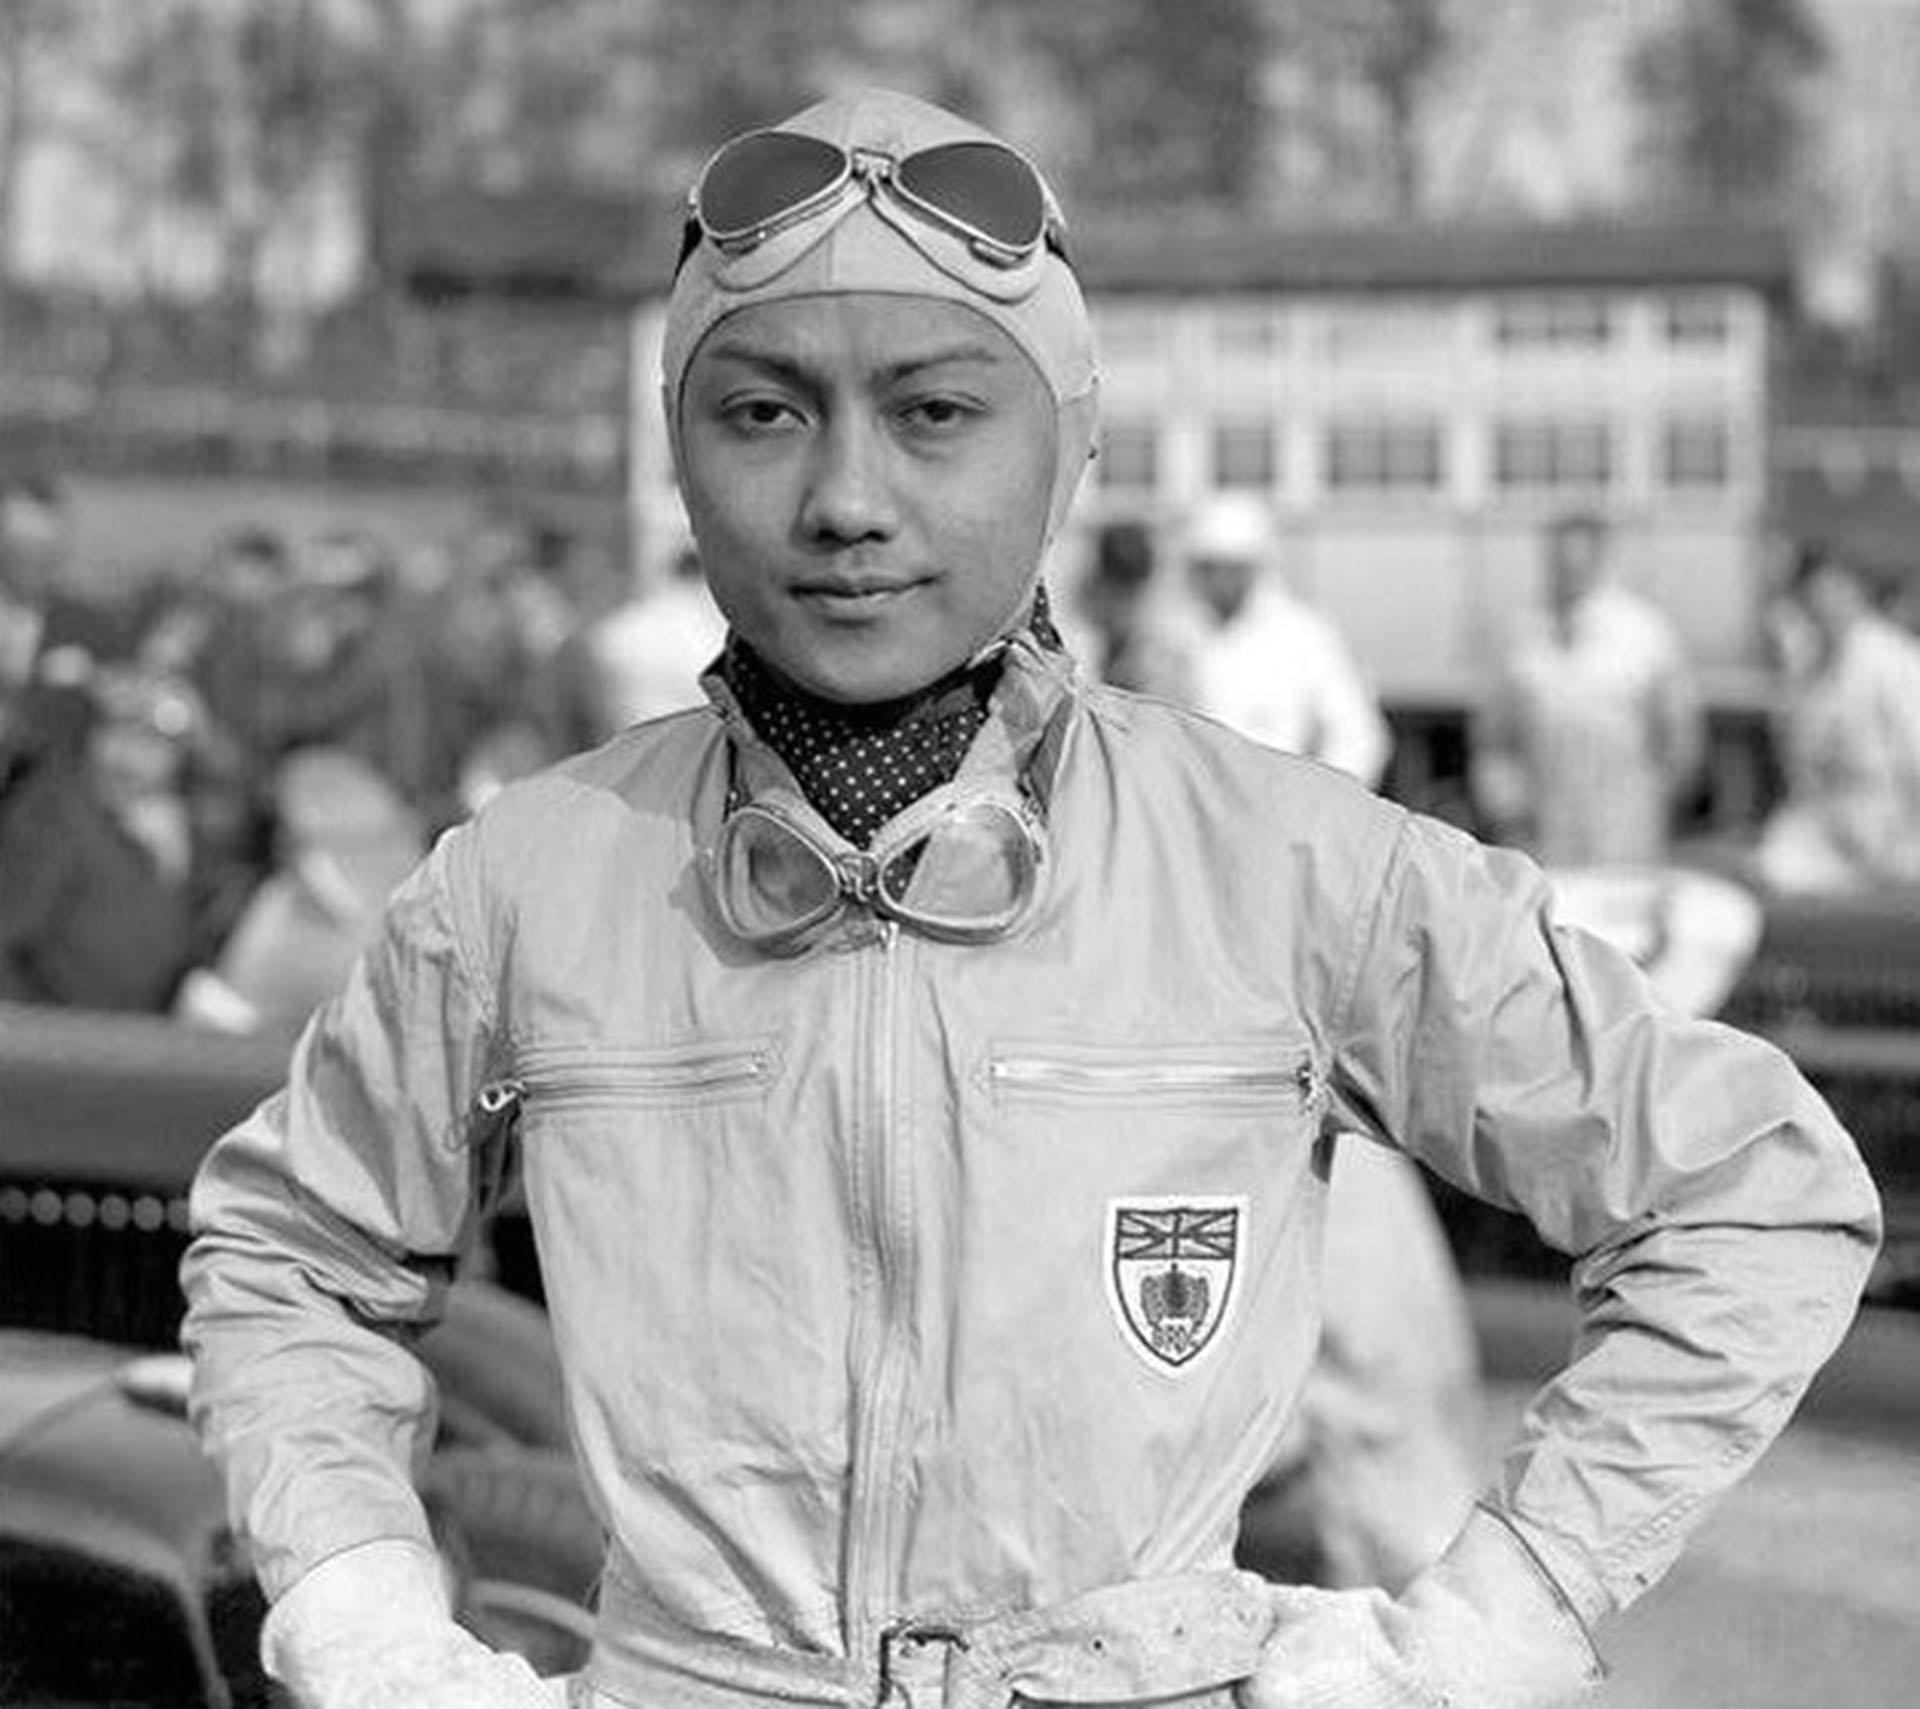 El príncipe Bira, amante del automovilismo, intentó volver con su esposa. Pero ella ya no lo amaba